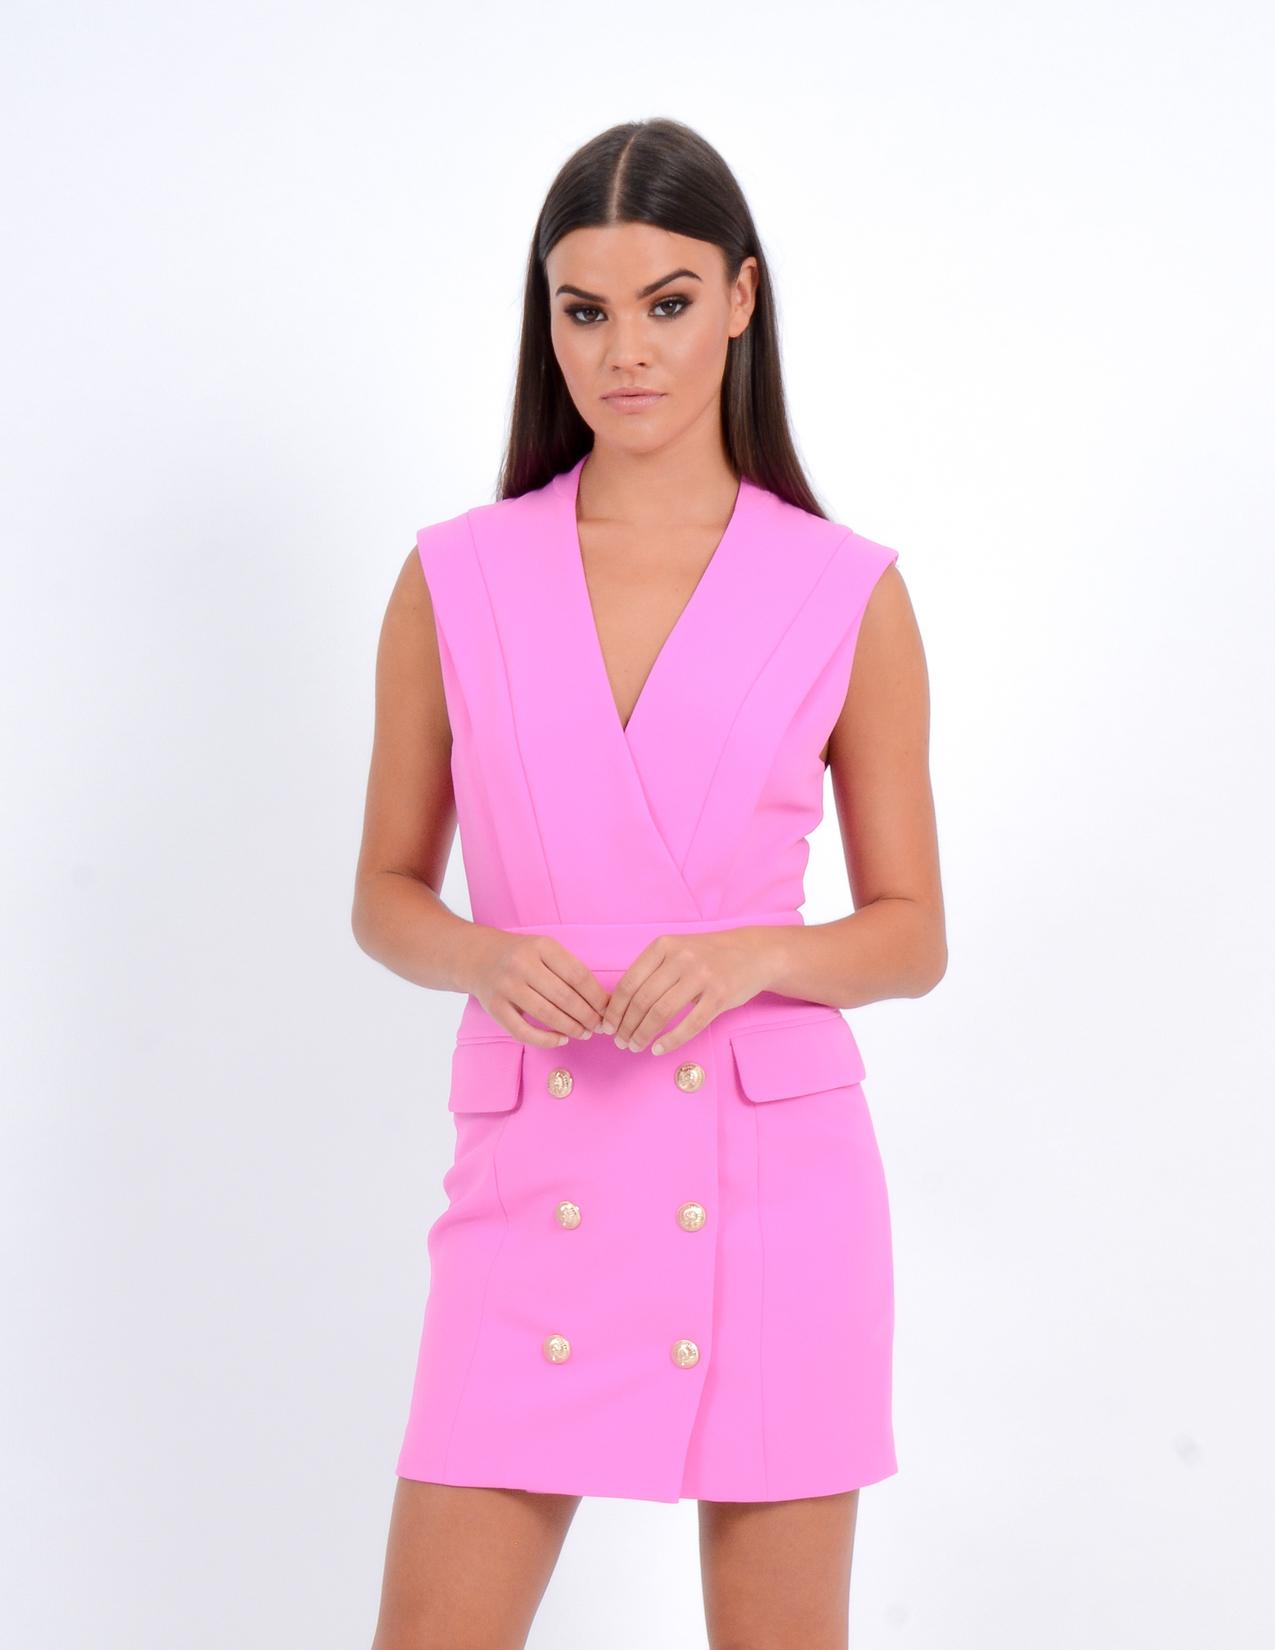 Ottro.com la tienda de moda de las famosas - Nueva colección Primavera